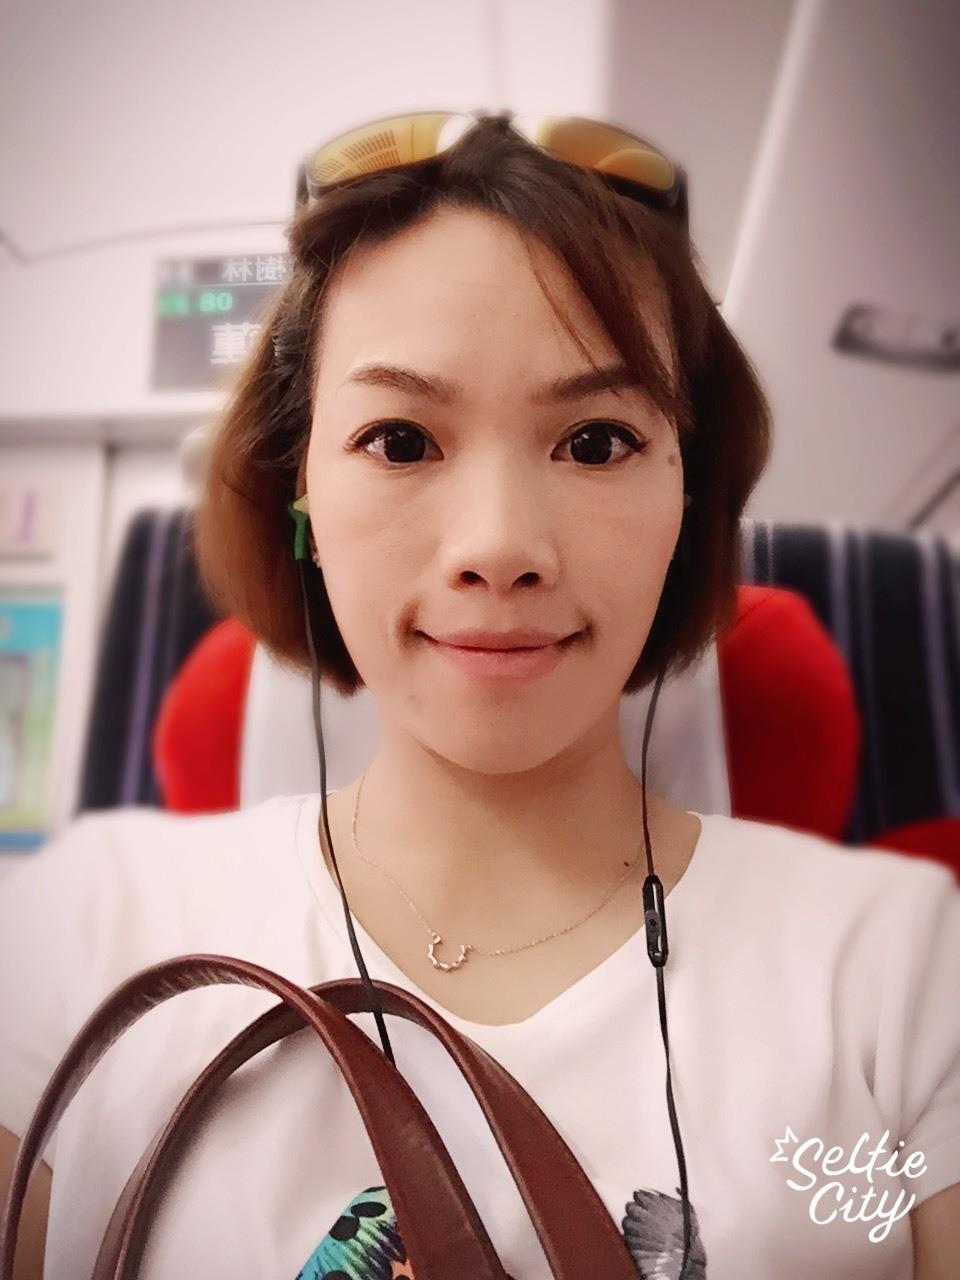 Go to Taipei #普悠瑪 #Study #私領域